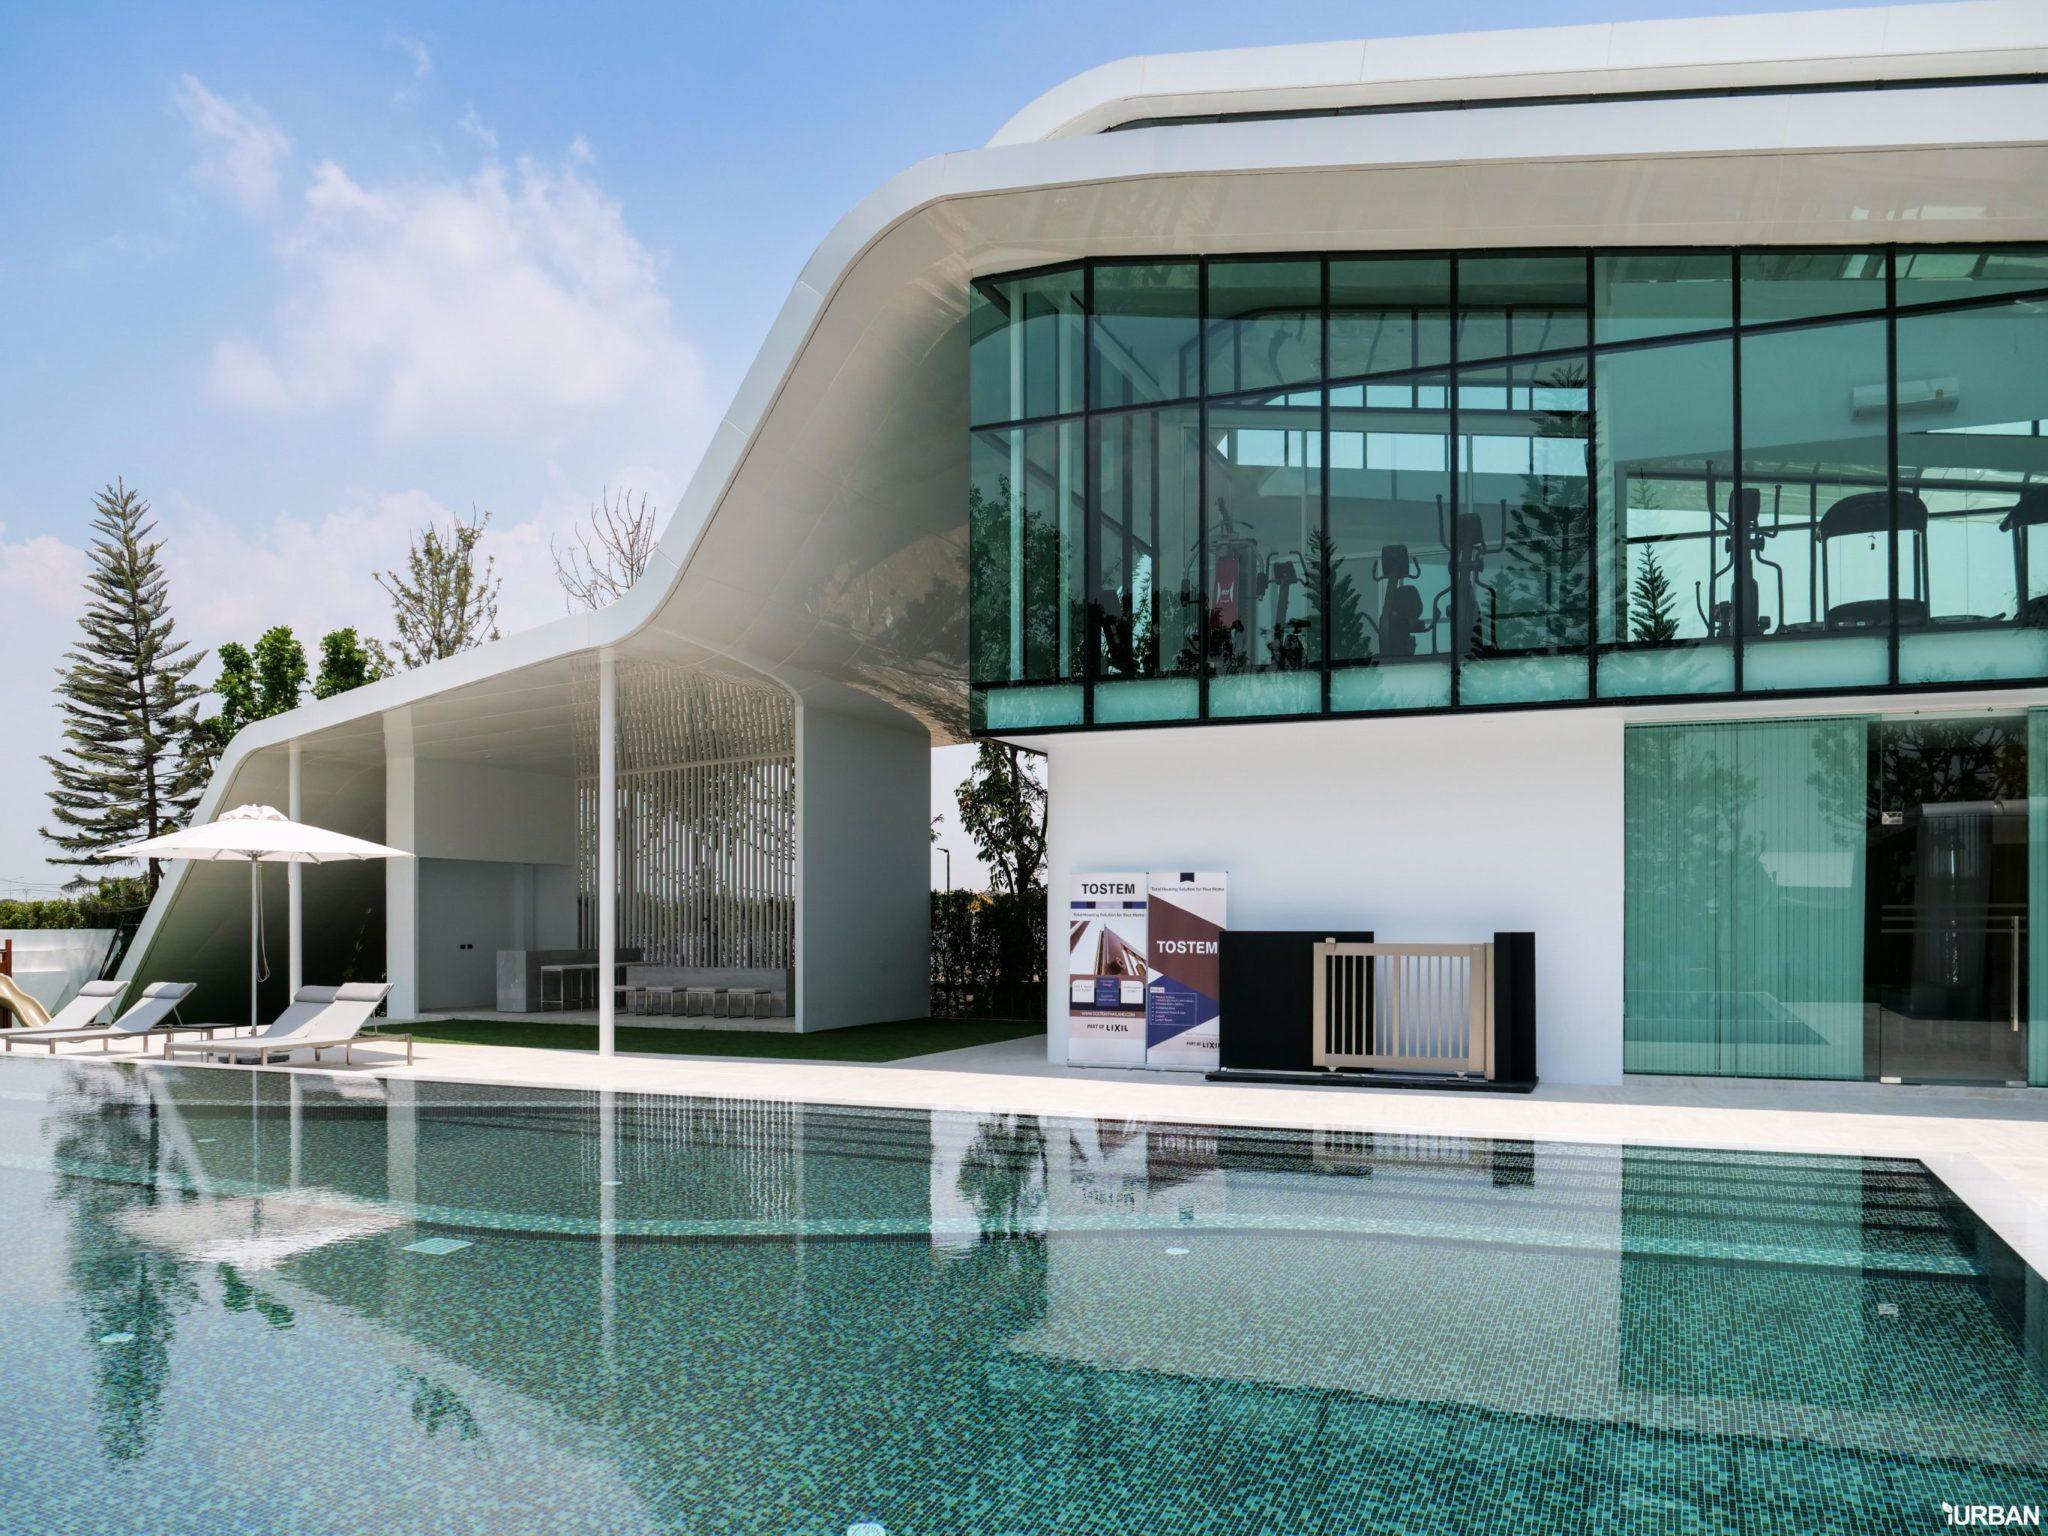 """""""เนอวานา ไดอิ"""" ปฏิวัติรูปแบบการอยู่อาศัย พร้อมเปิดโครงการ """"เนอวานา บียอนด์ พระราม 9-กรุงเทพกรีฑา"""" บ้านต้นแบบแนวคิดใหม่ 38 -"""